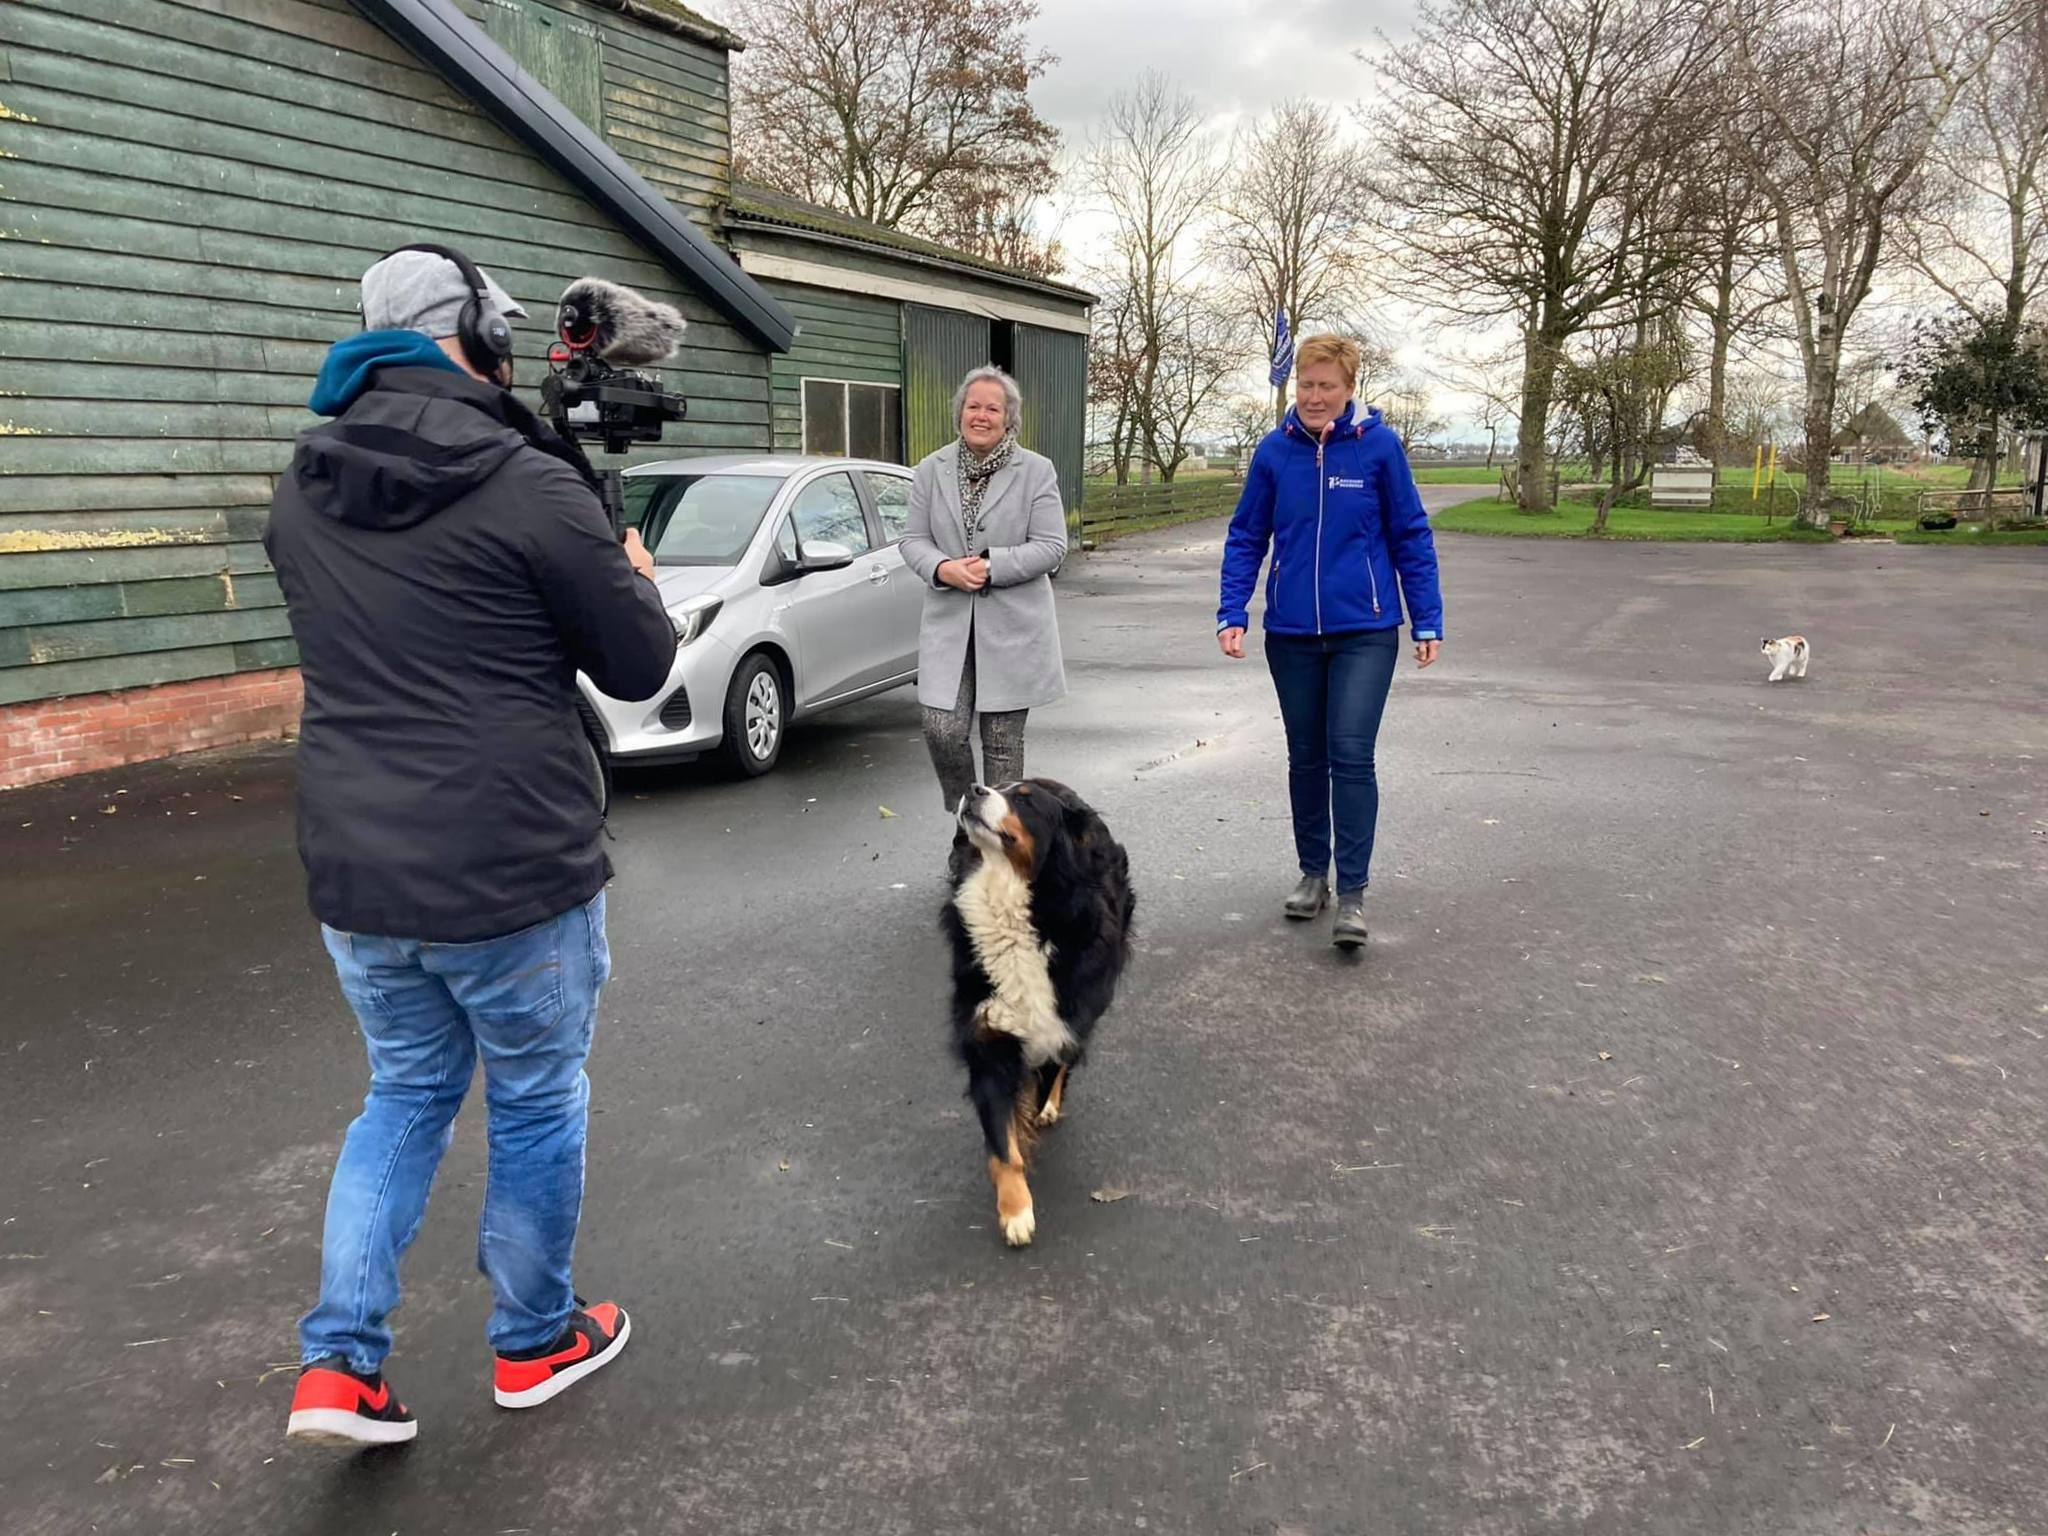 Op zoek naar lichtpuntjes in sombere tijden: burgemeester Karen Heerschop van Beemster voor nieuwjaarsfilm op pad met camera en selfiestick